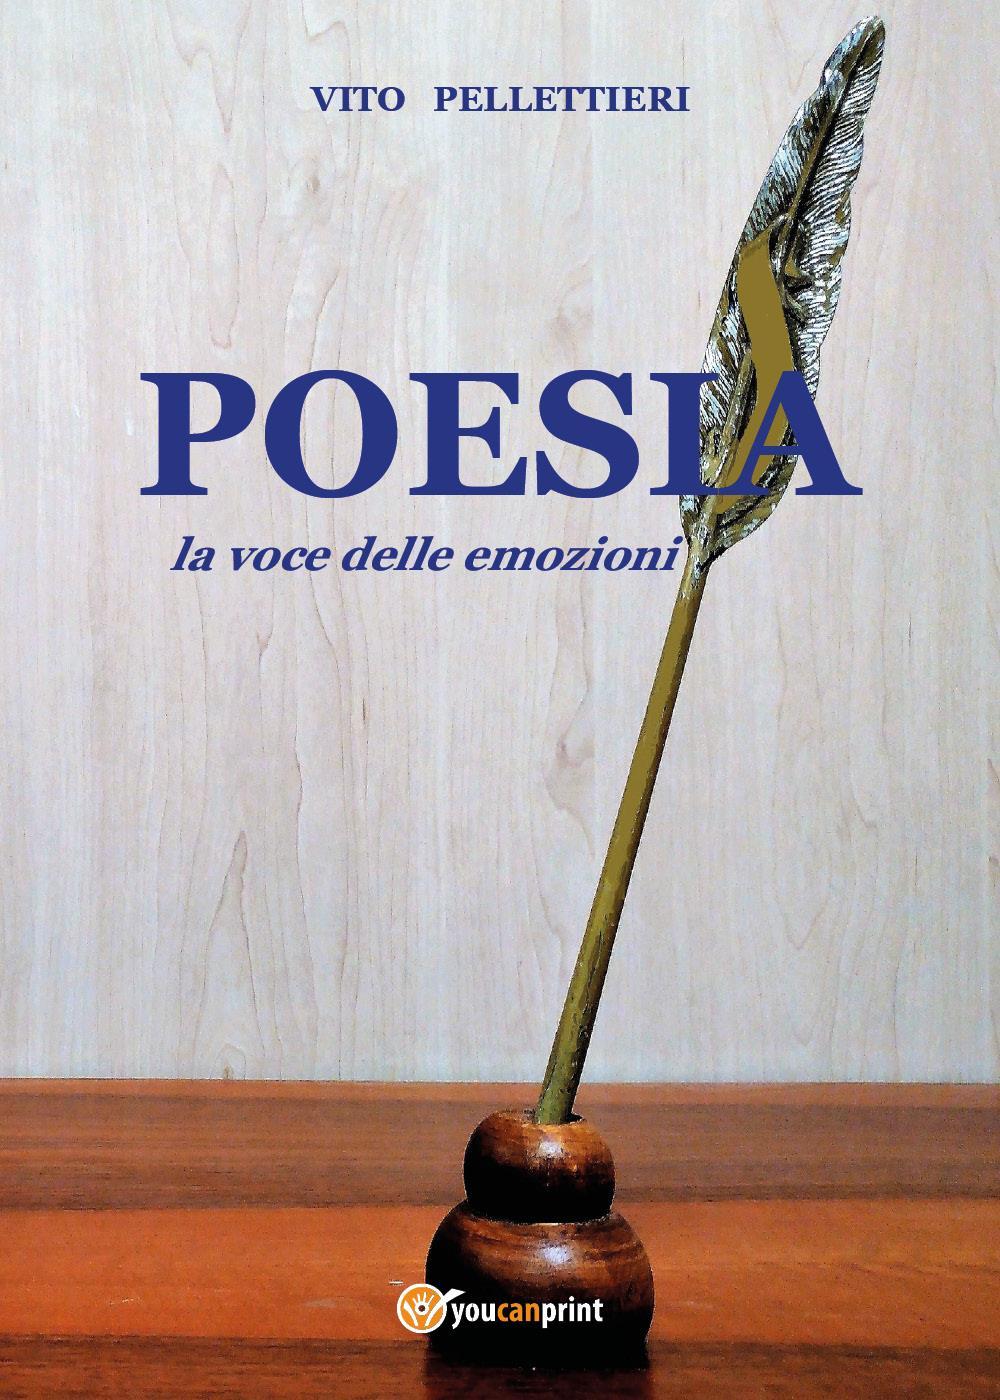 Poesia la voce delle emozioni